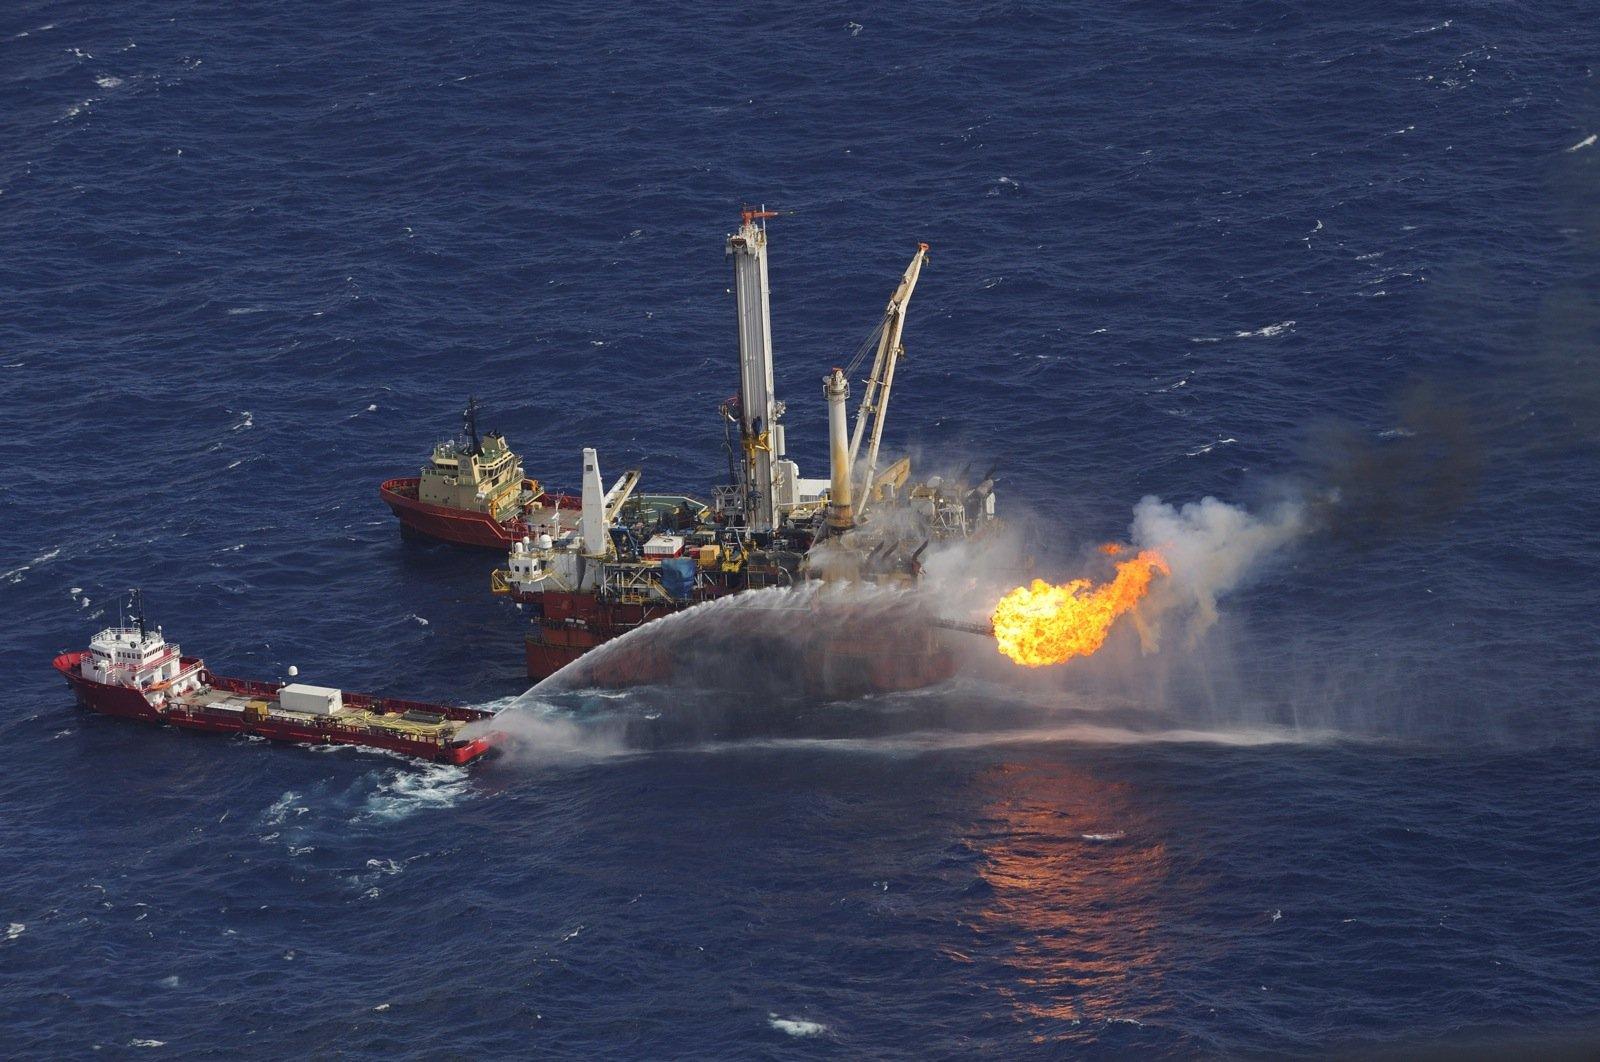 Ölplattform Deep Water Horizon: Infolge der Explosion verschmutzten Hunderttausende Liter Öl den Golf von Mexiko.